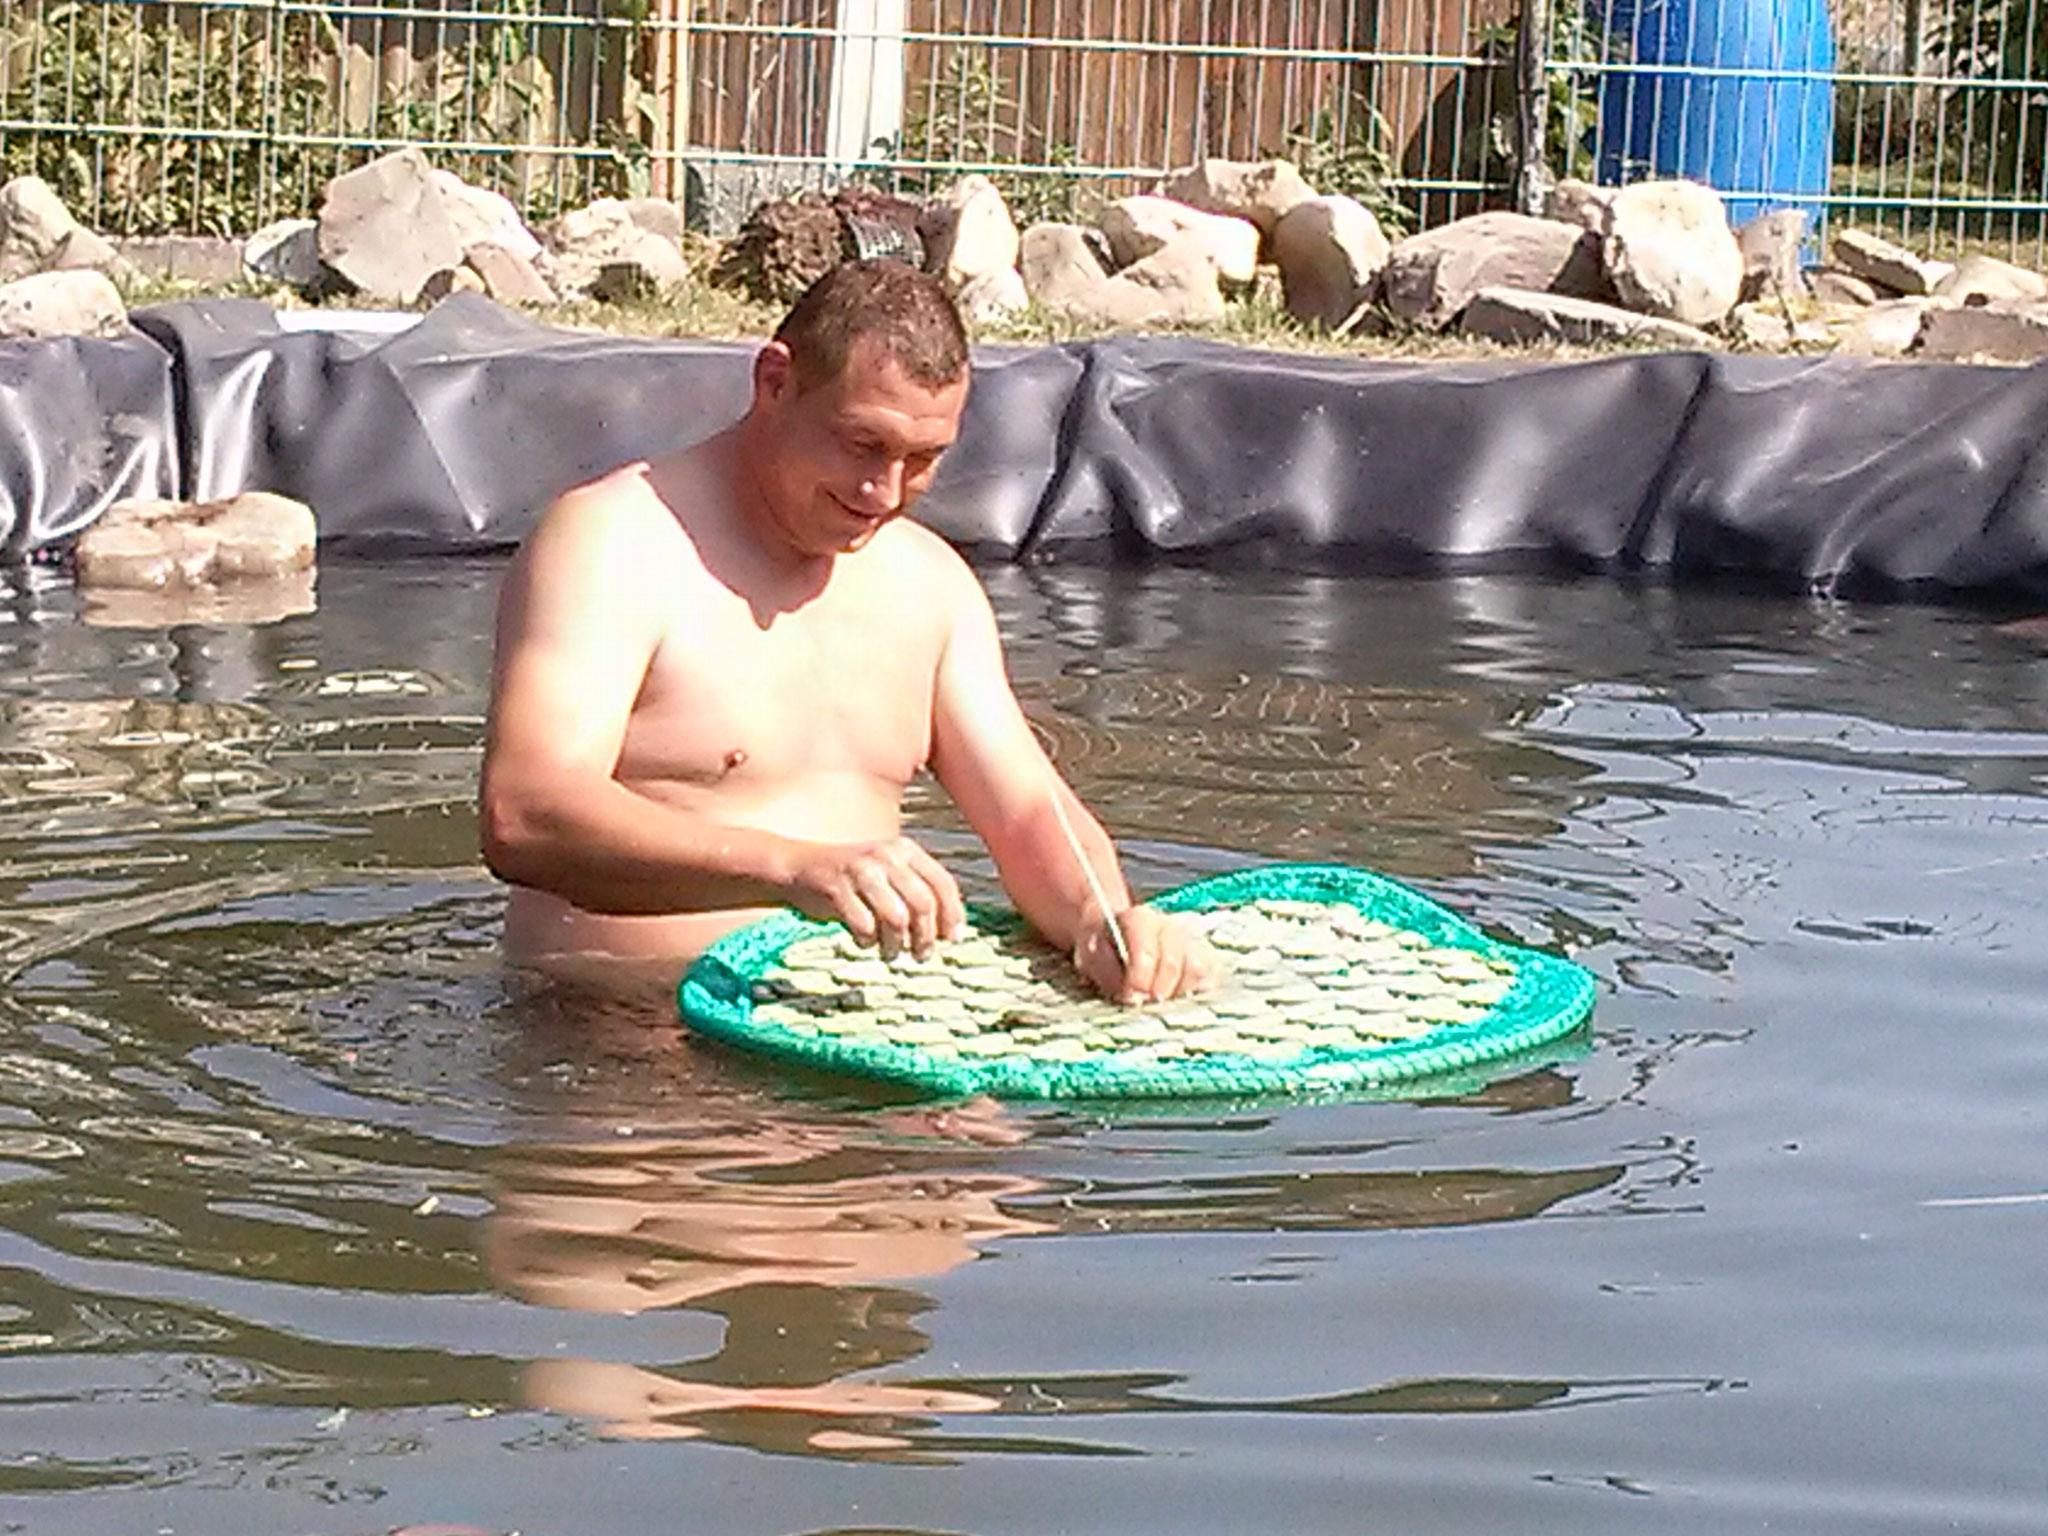 ... und wenn er schon mal drin ist, dann kann er die Schwimminseln noch befestigen.